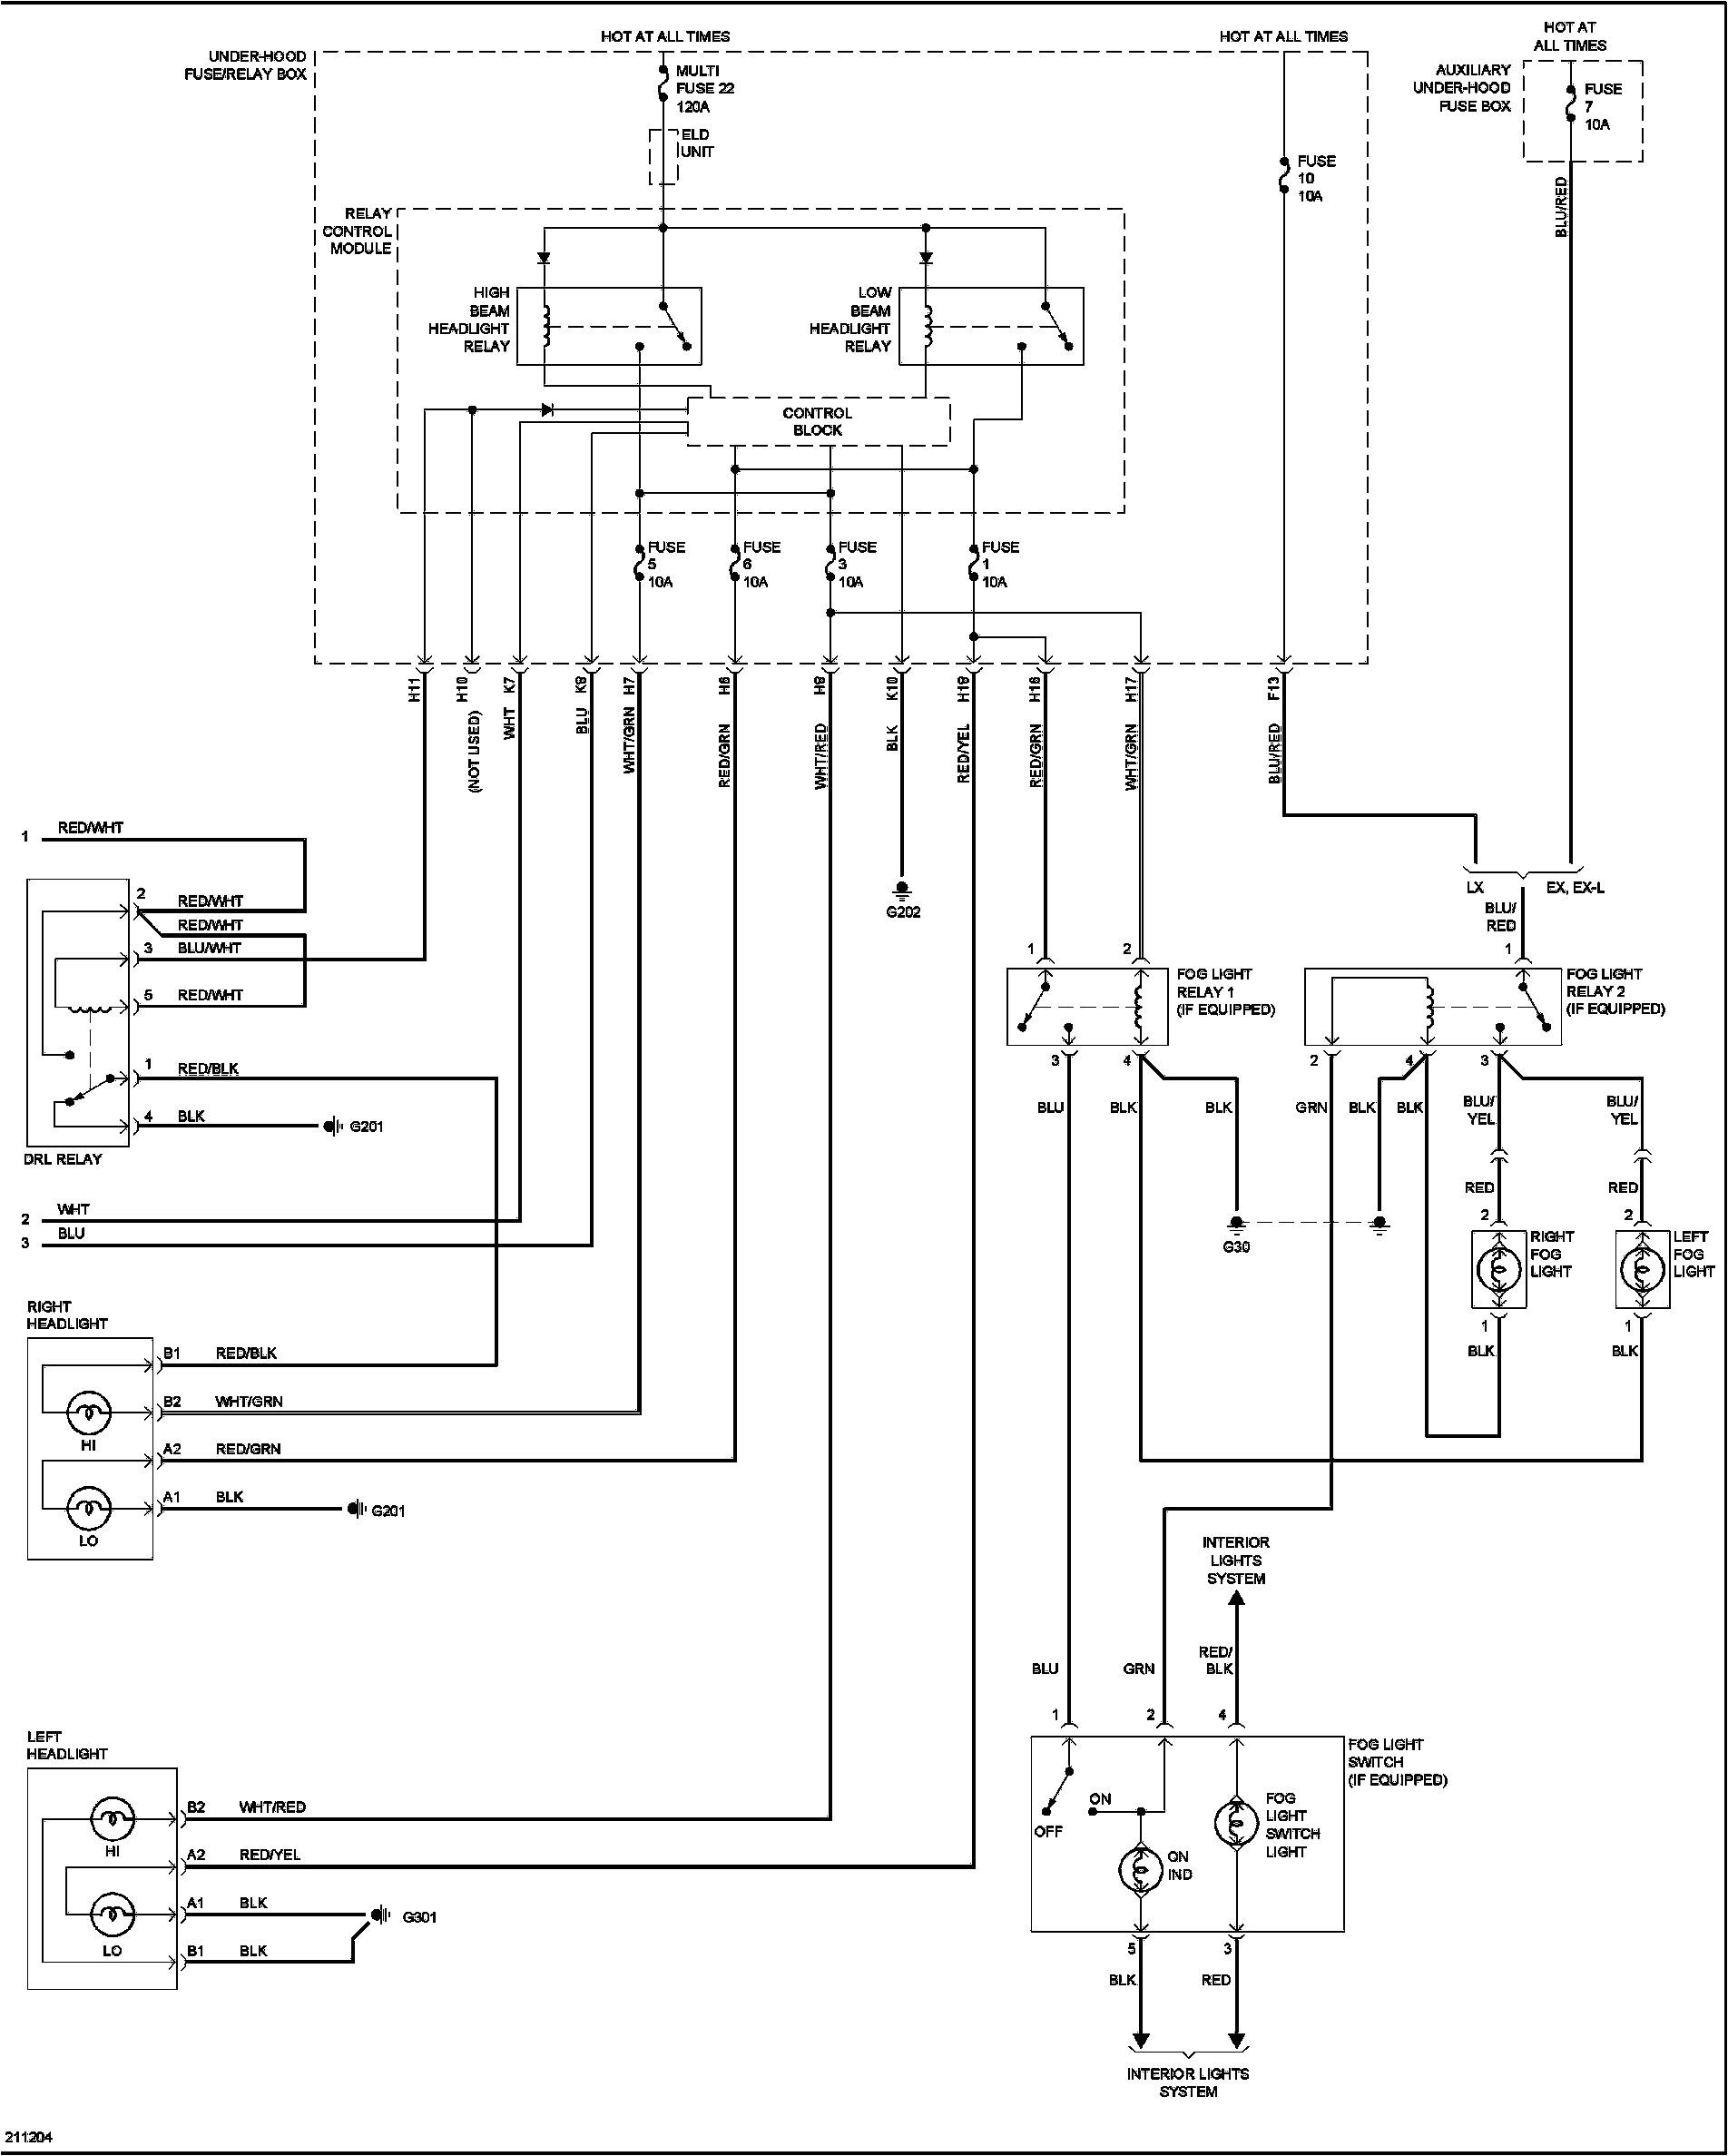 honda civic engine diagram pinout wiring diagram week 1995 honda civic wiring wiring diagram toolbox 1995